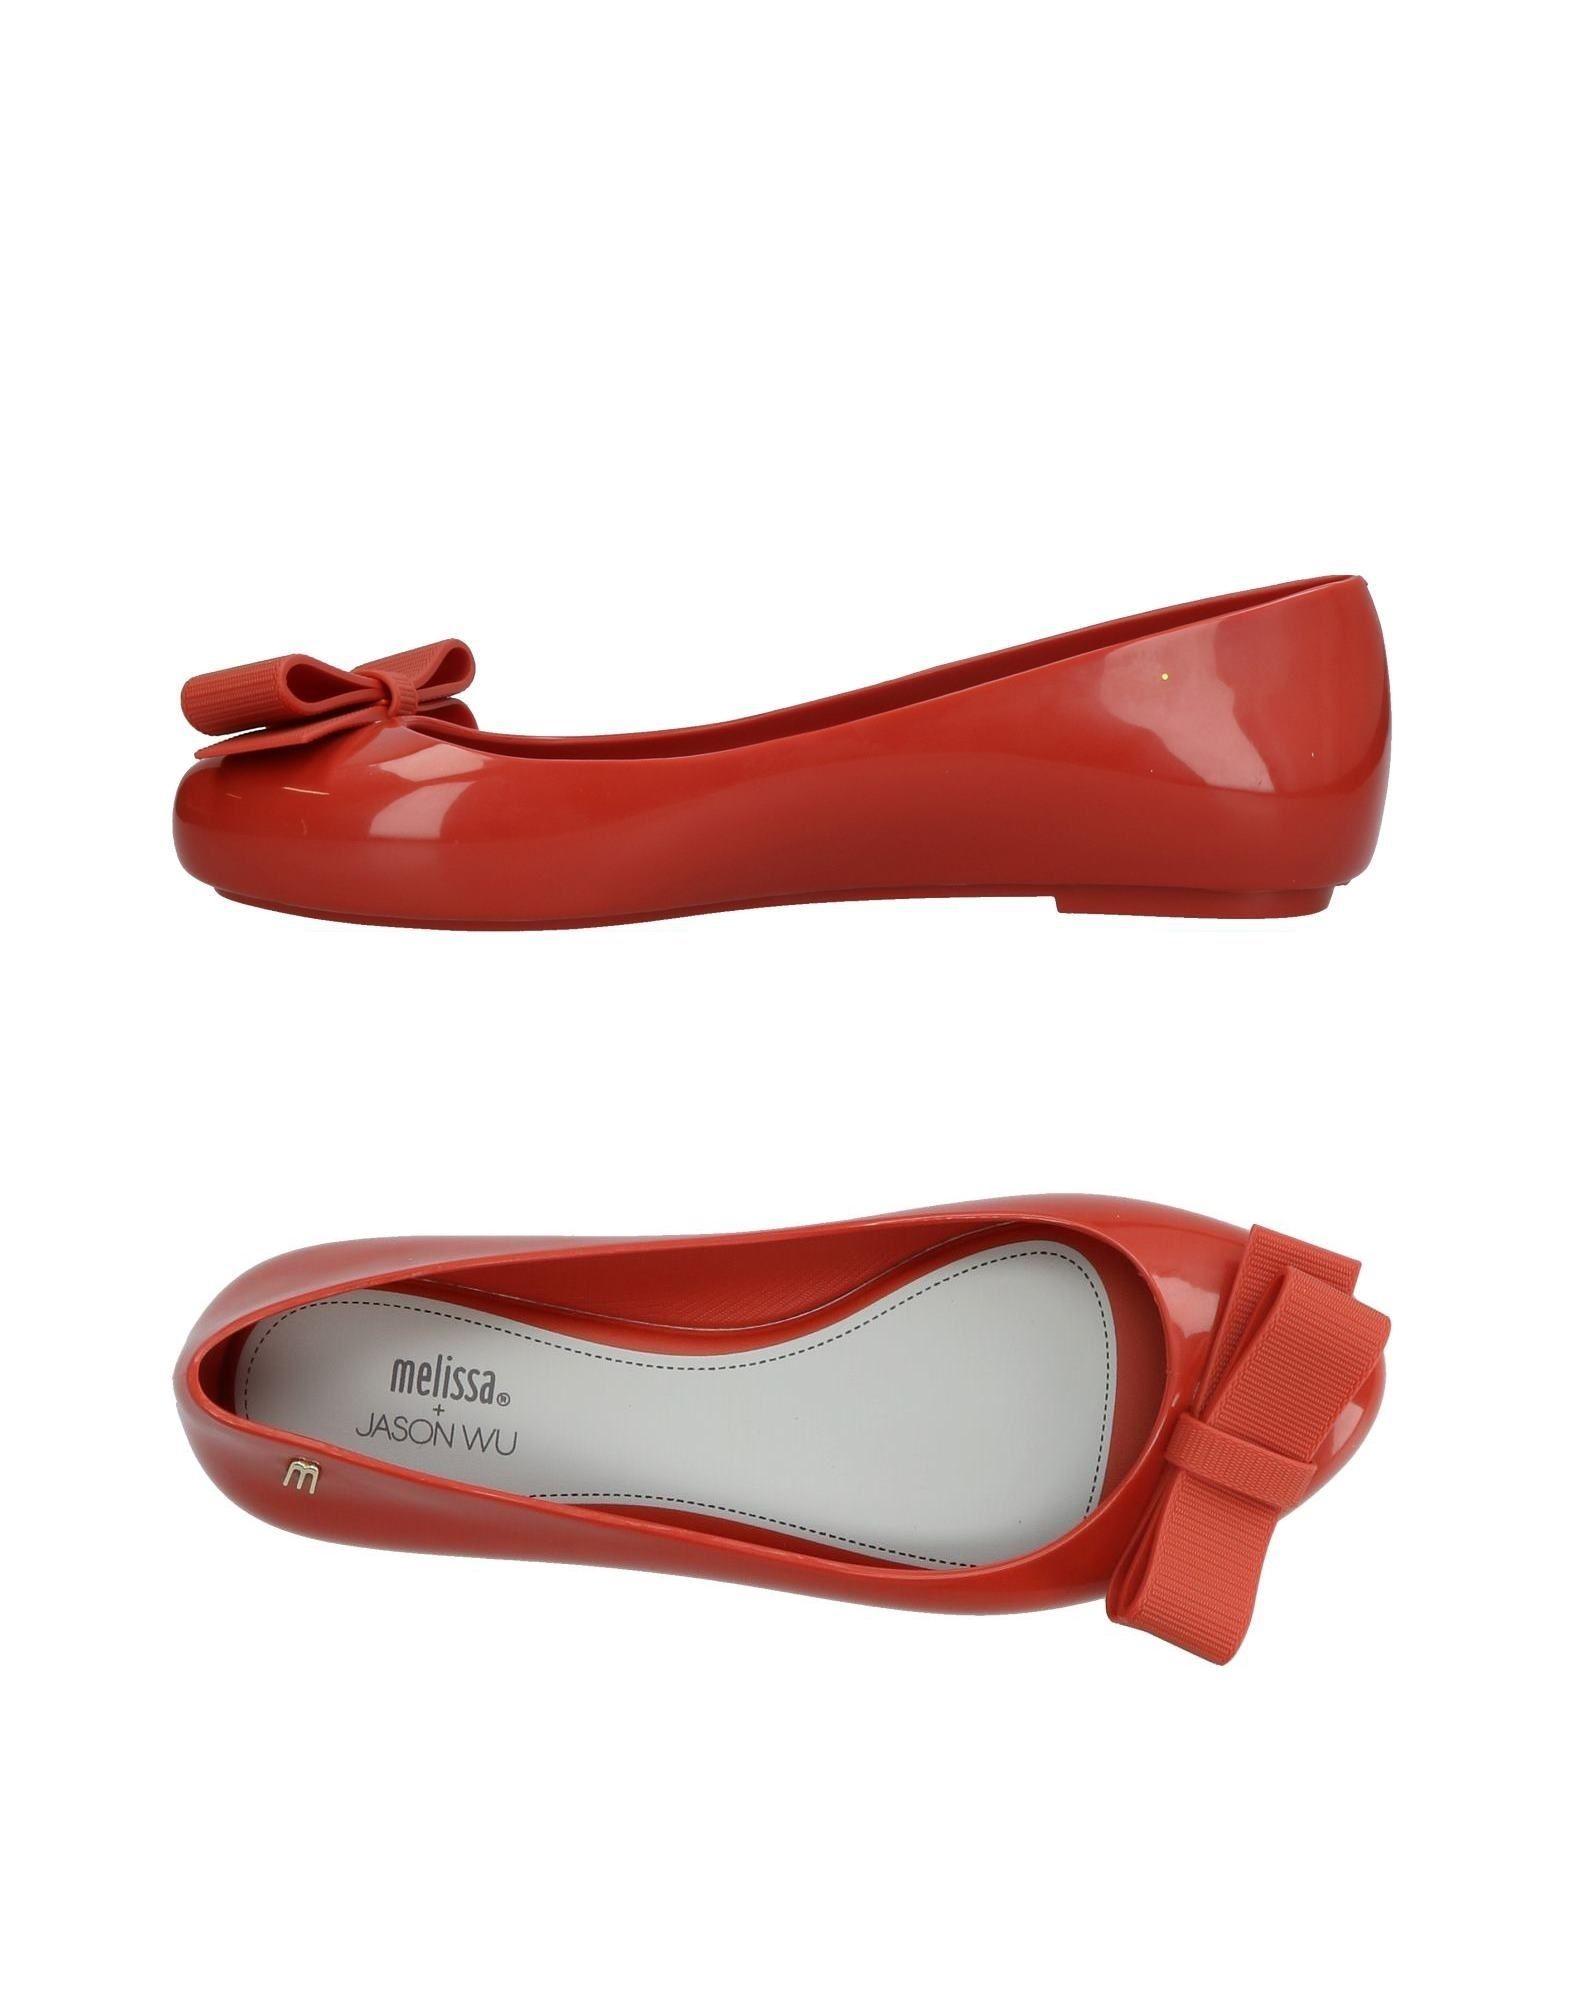 Melissa + Jason Wu Ballerinas Damen  11353336OU Gute Qualität beliebte Schuhe